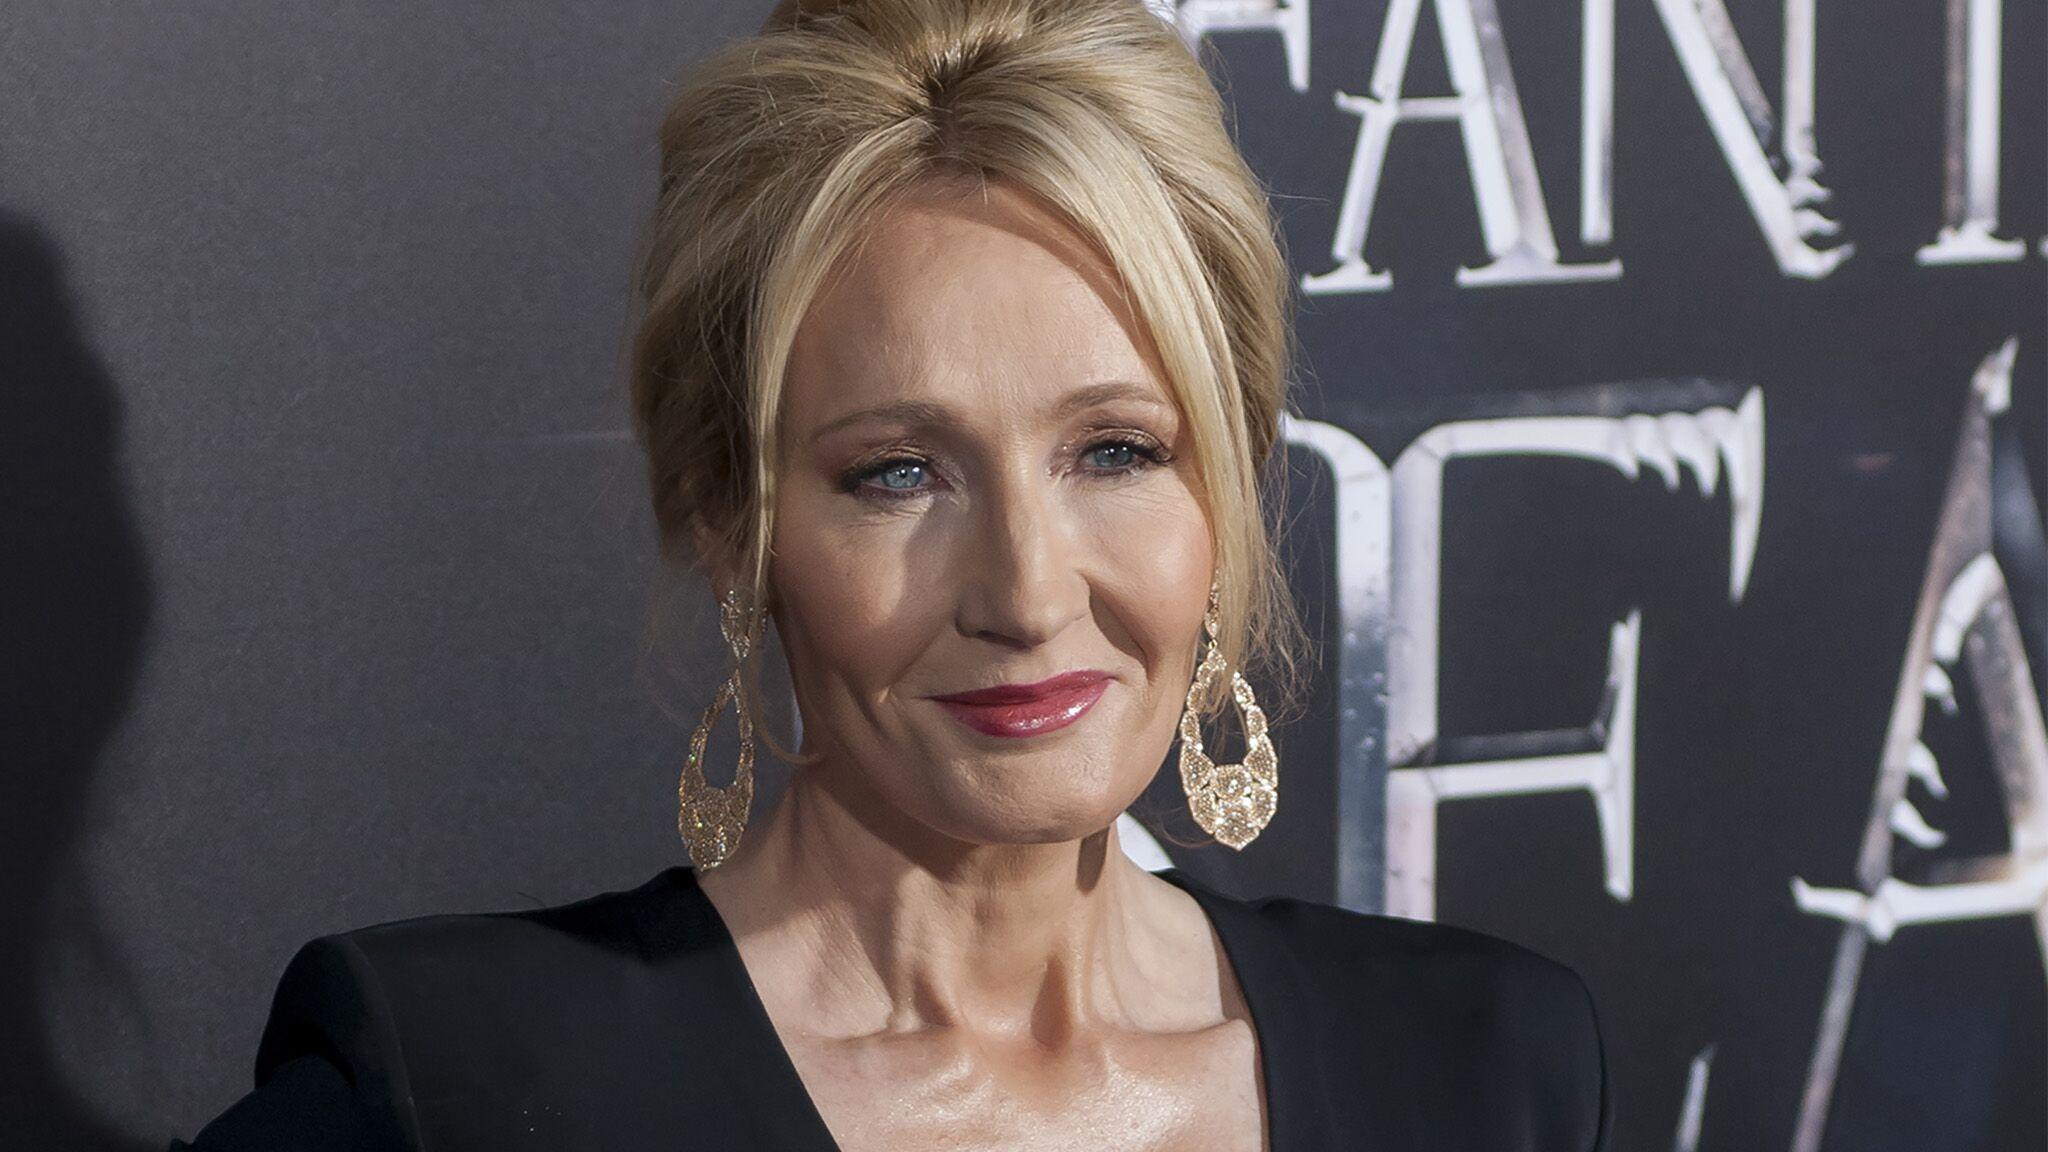 J.K. Rowling : l'autrice d'Harry Potter fait un don de 17 millions d'euros pour la recherche médicale